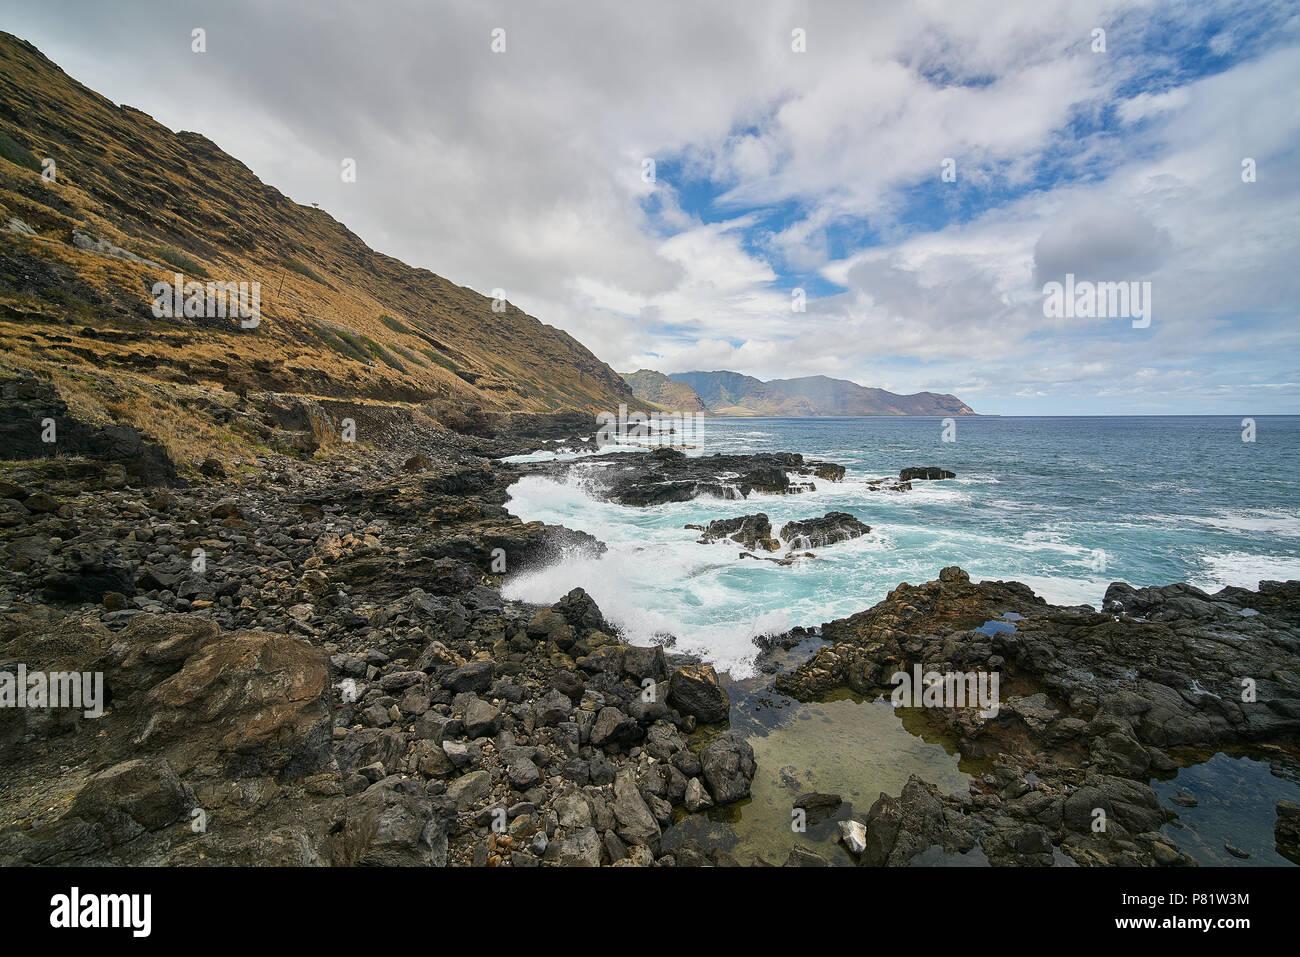 Kaena Point Waianae Coast Oahu Hawaii - Stock Image